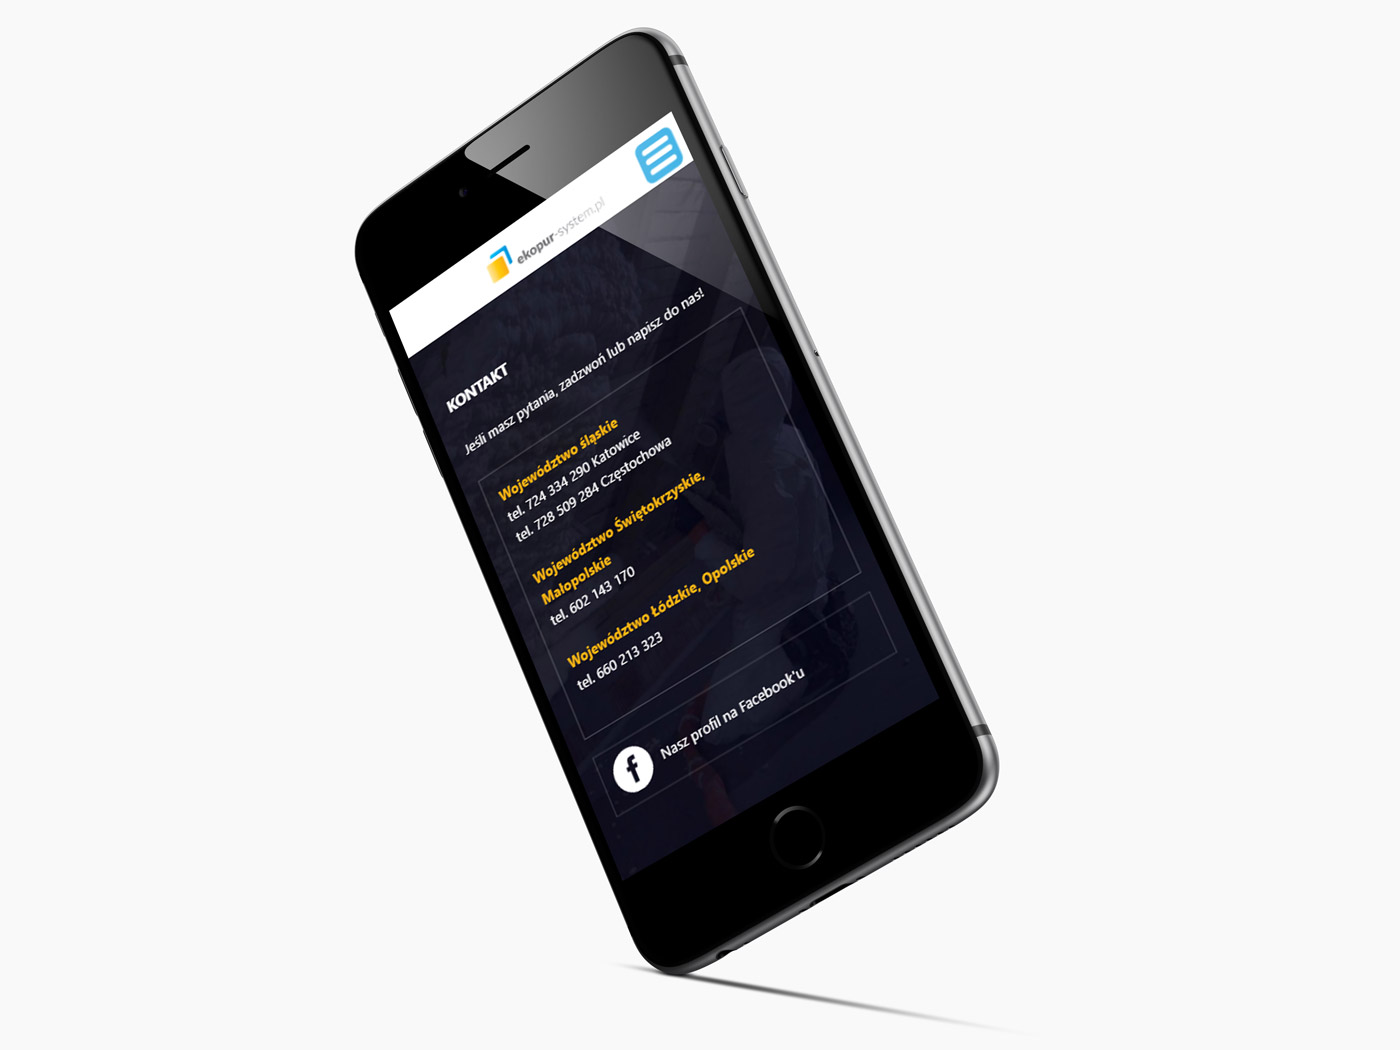 Ekopur - odświeżona strona internetowa na urządzeniu mobilnym